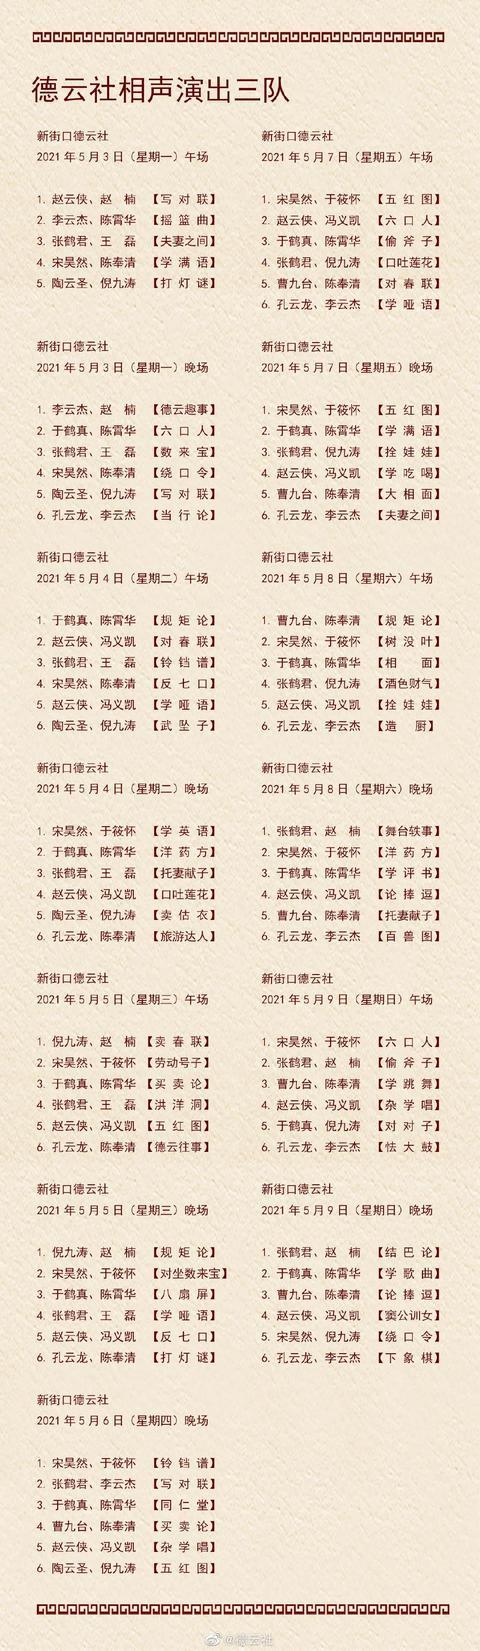 德云社演出节目单(2021年5月1日-5月9日)  全球新闻风头榜 第3张